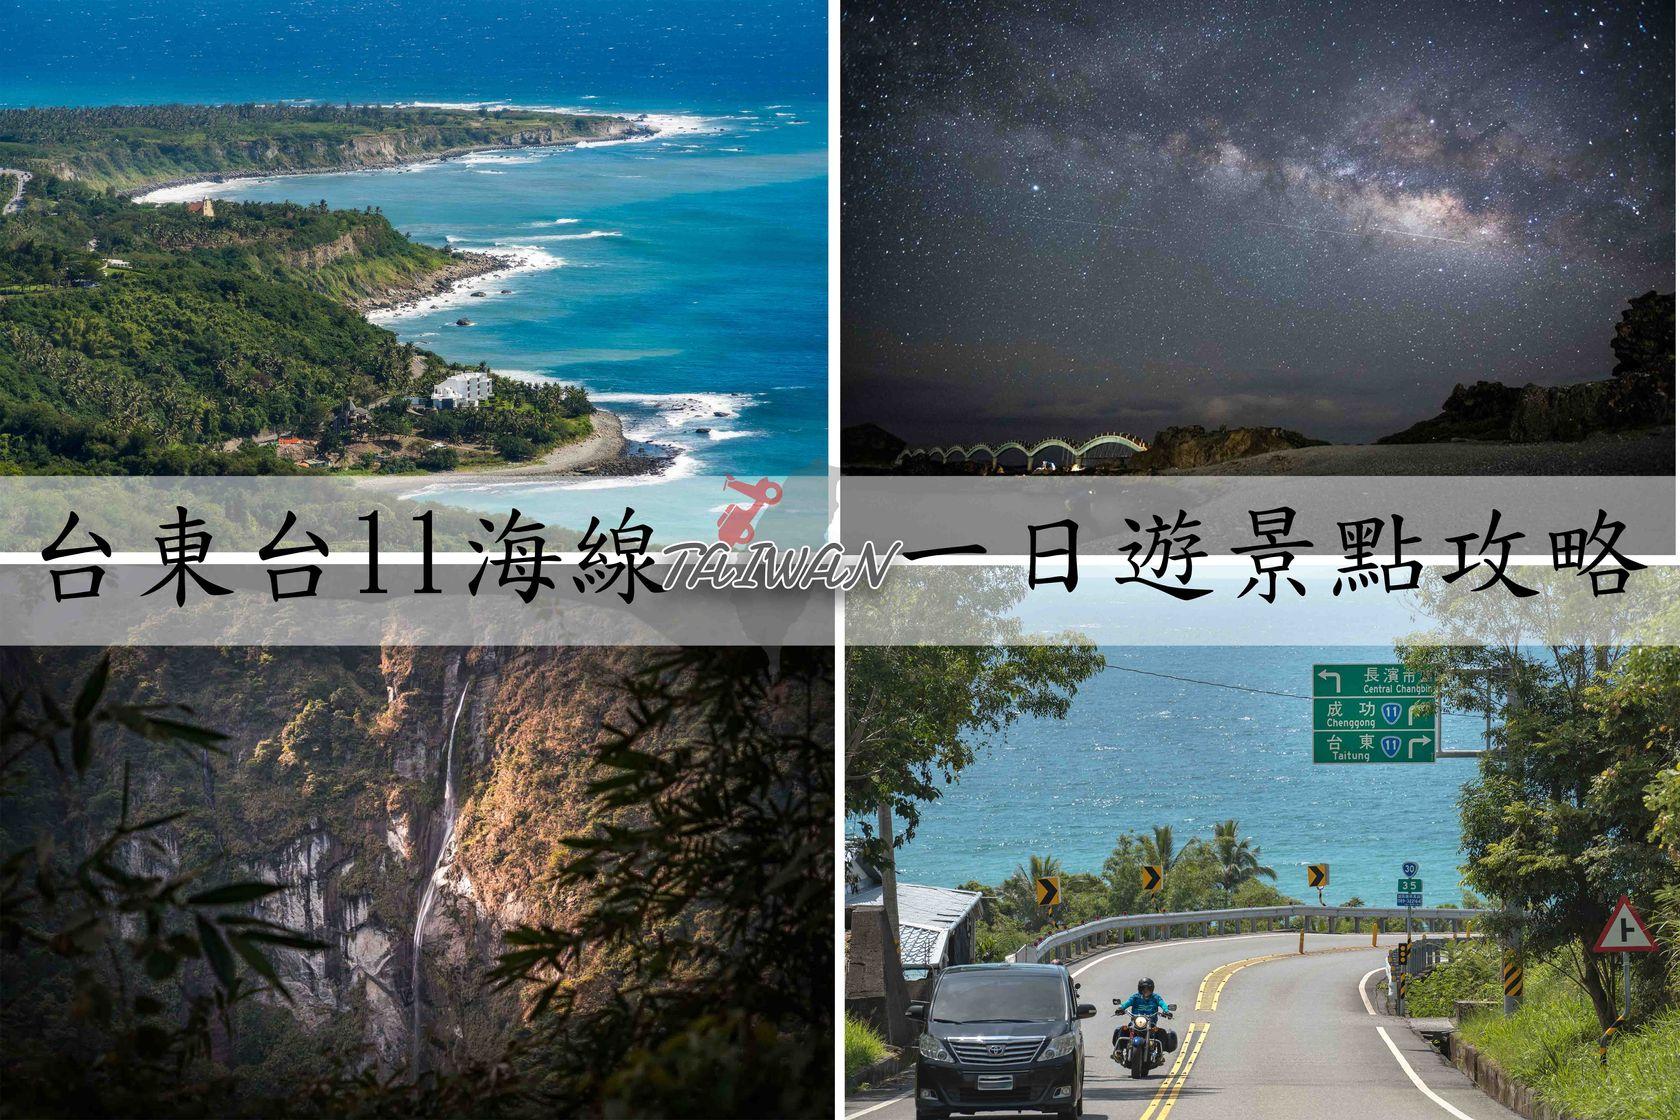 『台東海岸線旅遊攻略』台11線一日遊景點推薦|自然景觀、生態,2021持續更新